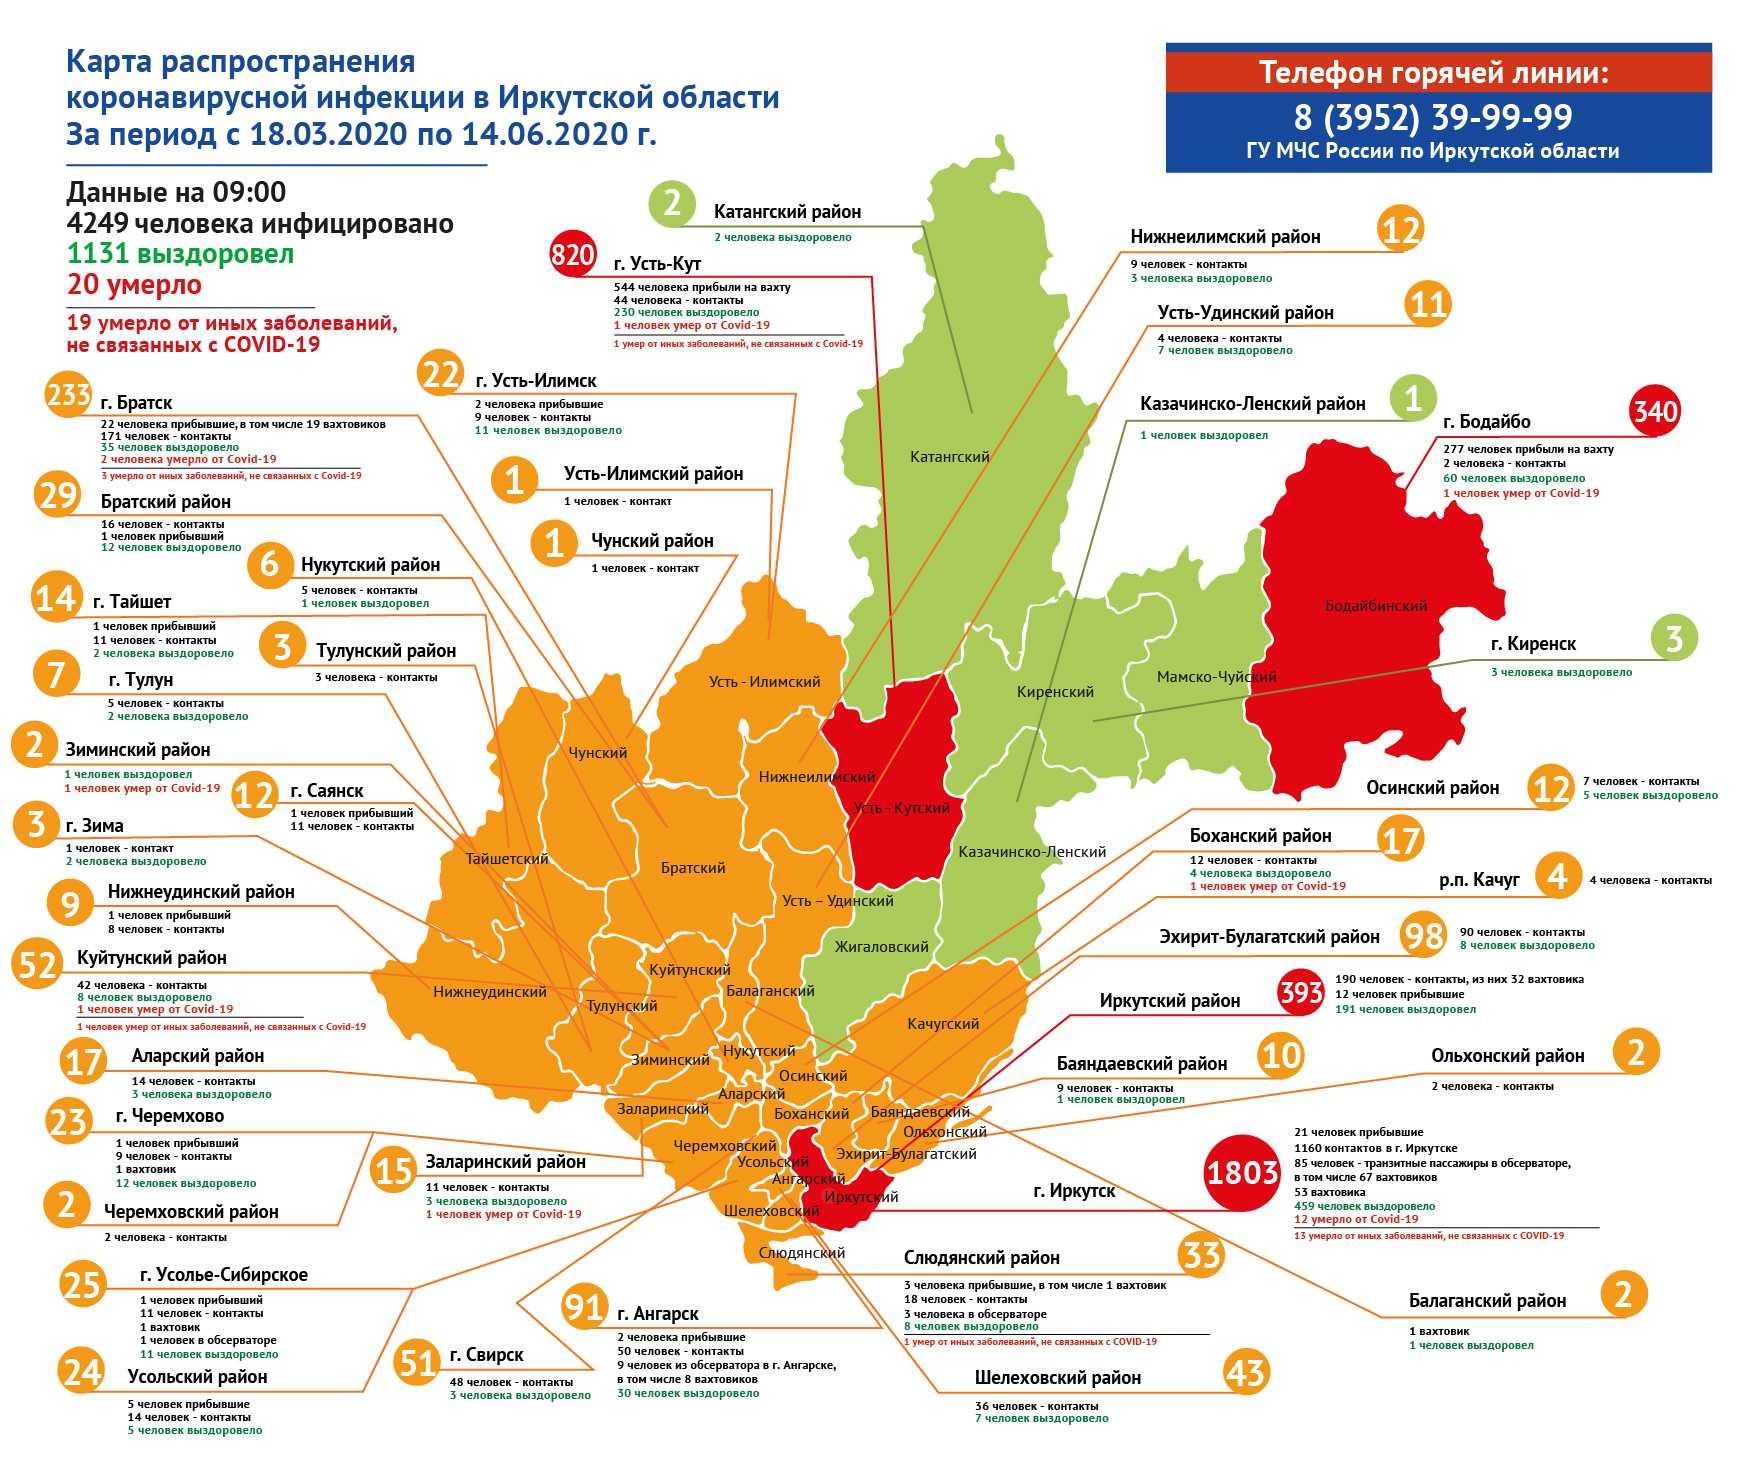 География распространения COVID-19 по области 14 июня 2020